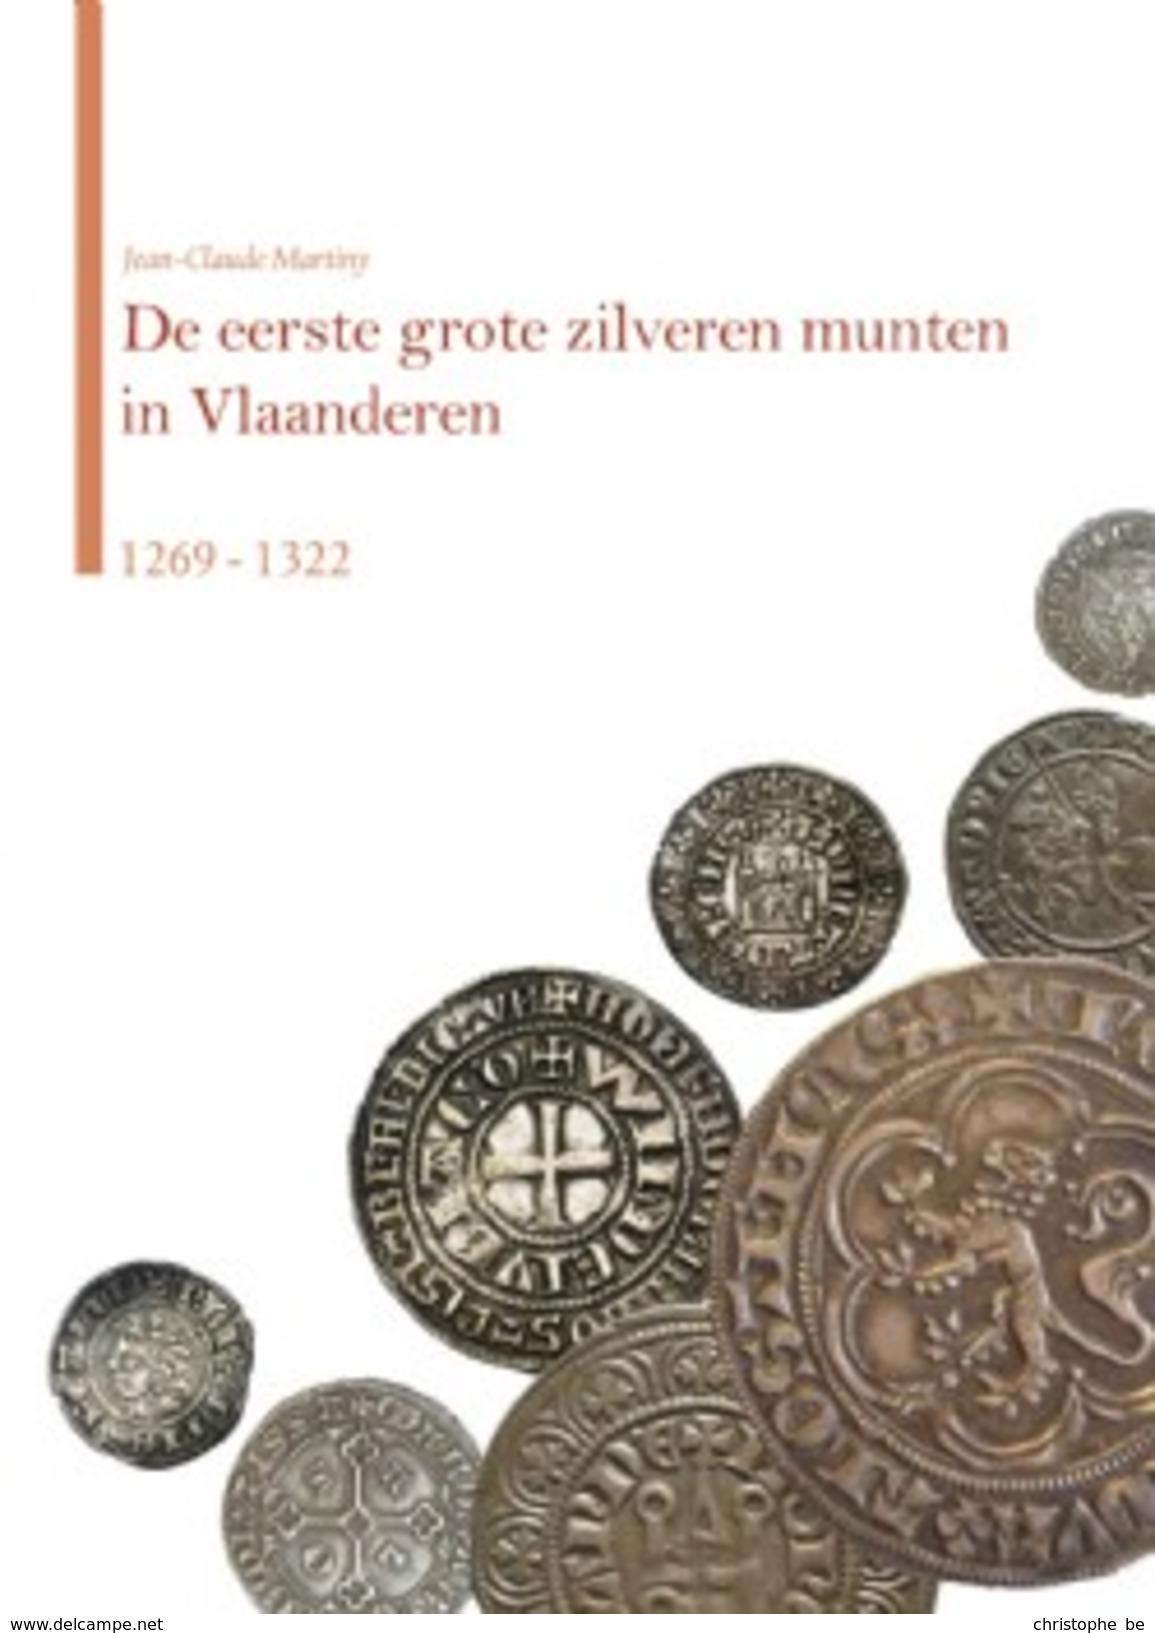 De Eerste Grote Zilveren Munten In Vlaanderen 1269-1322 - Praktisch